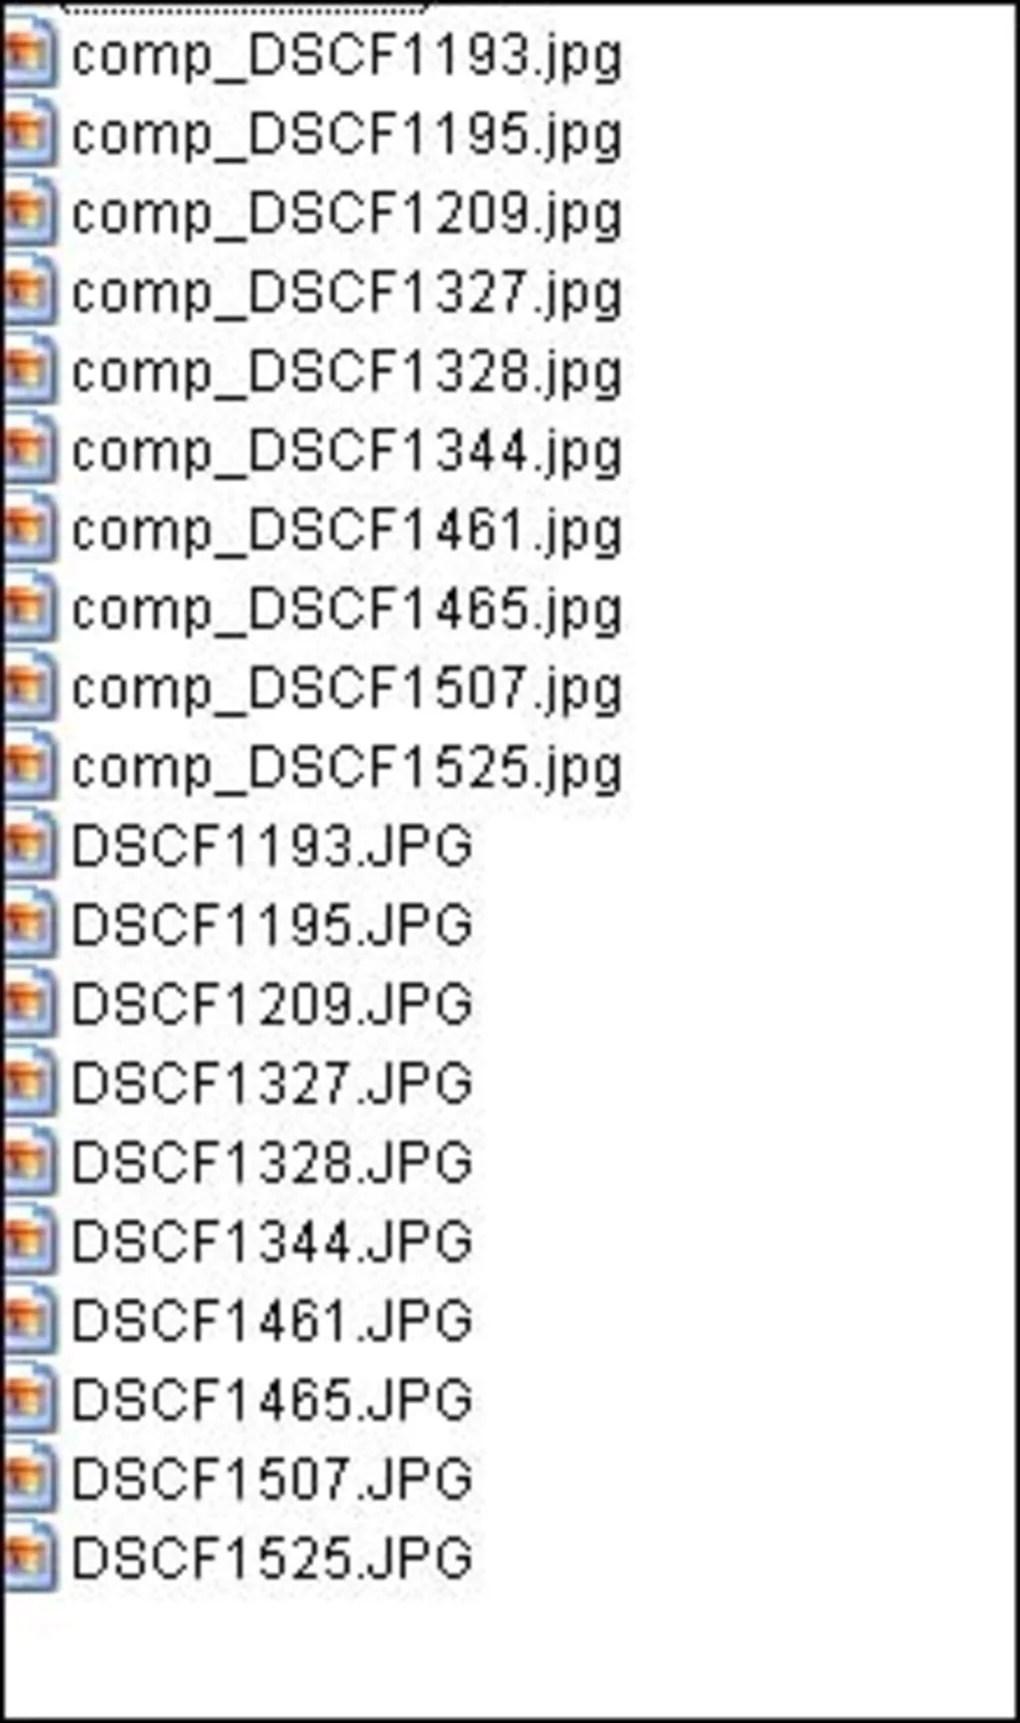 Schaltplan Zeichnen Programm Linux - Wiring Diagram